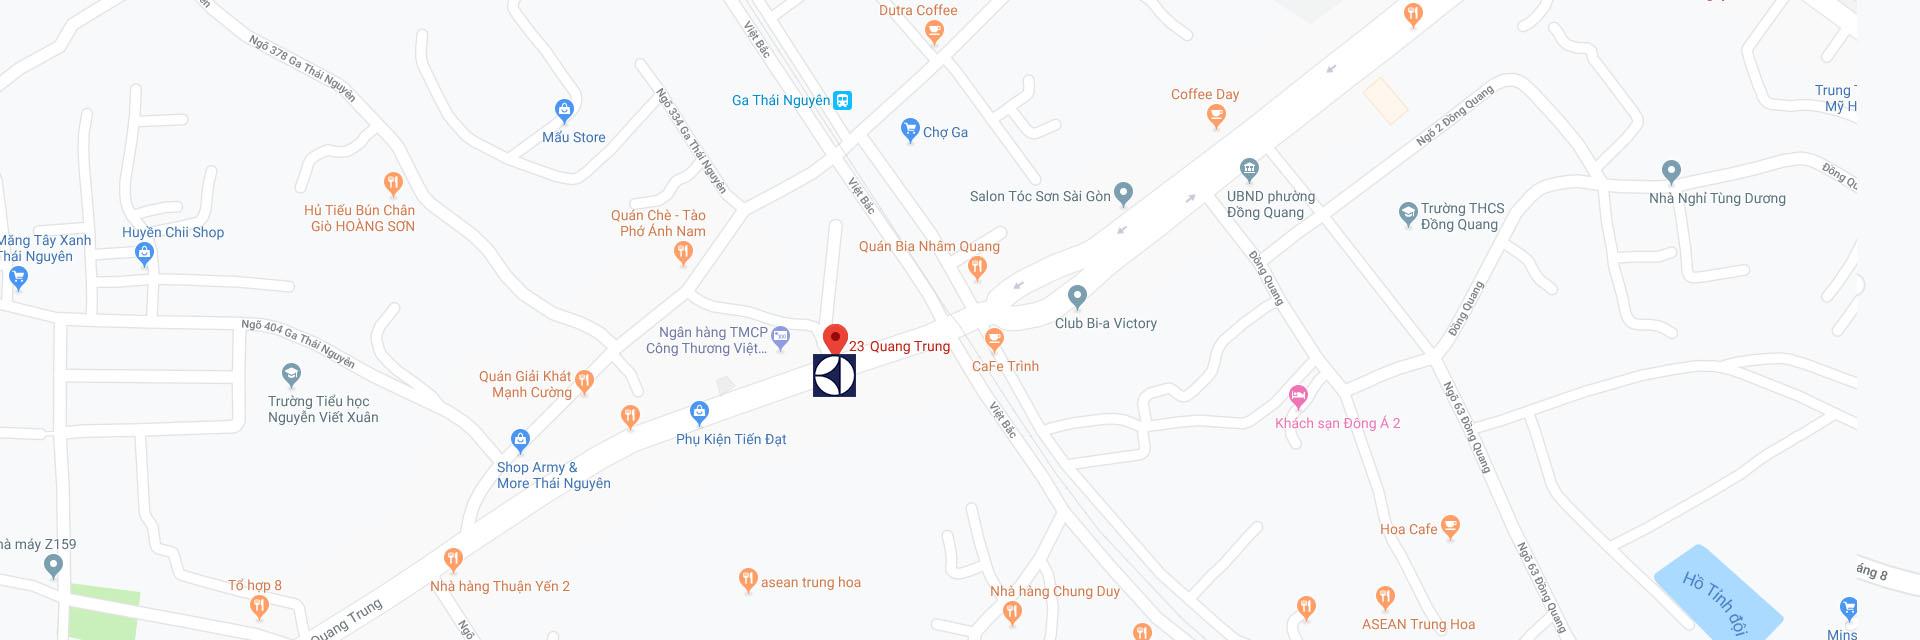 Trung tâm sửa máy giặt Electrolux tại Thái Nguyên trên Google Maps